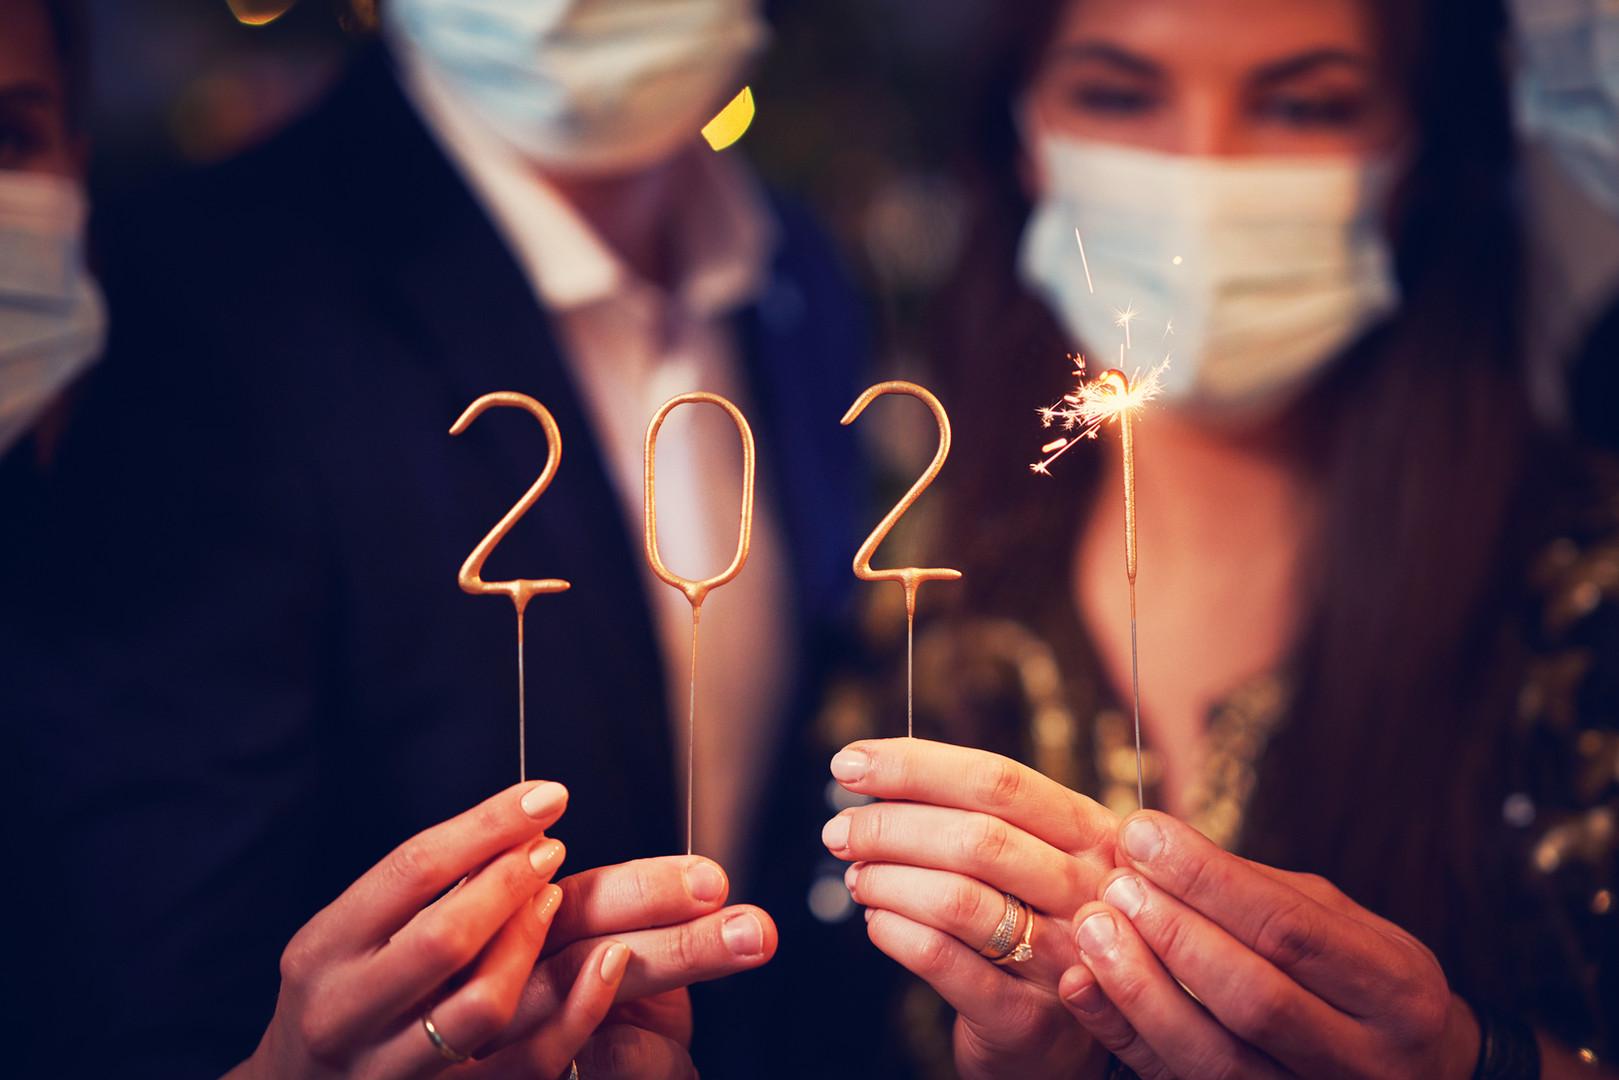 2021 Annual Photo